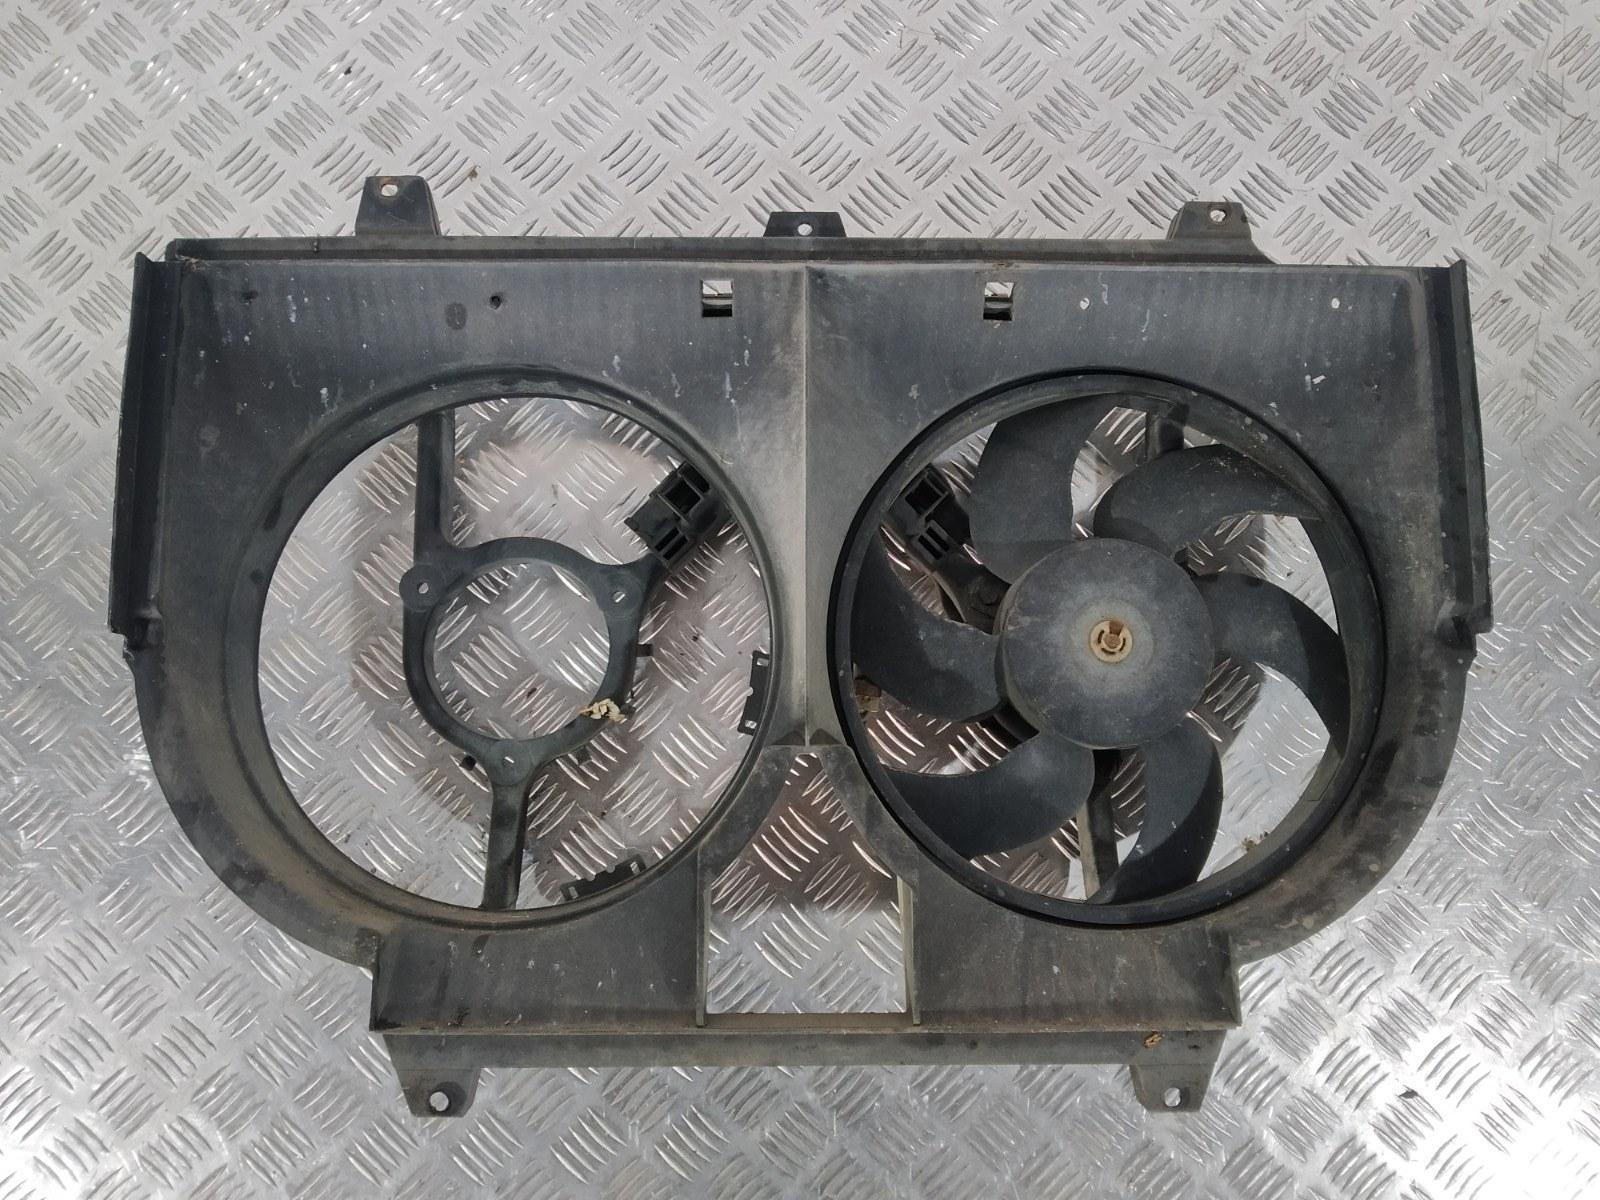 Вентилятор радиатора Nissan Vanette C23 2.3 D 2001 (б/у)